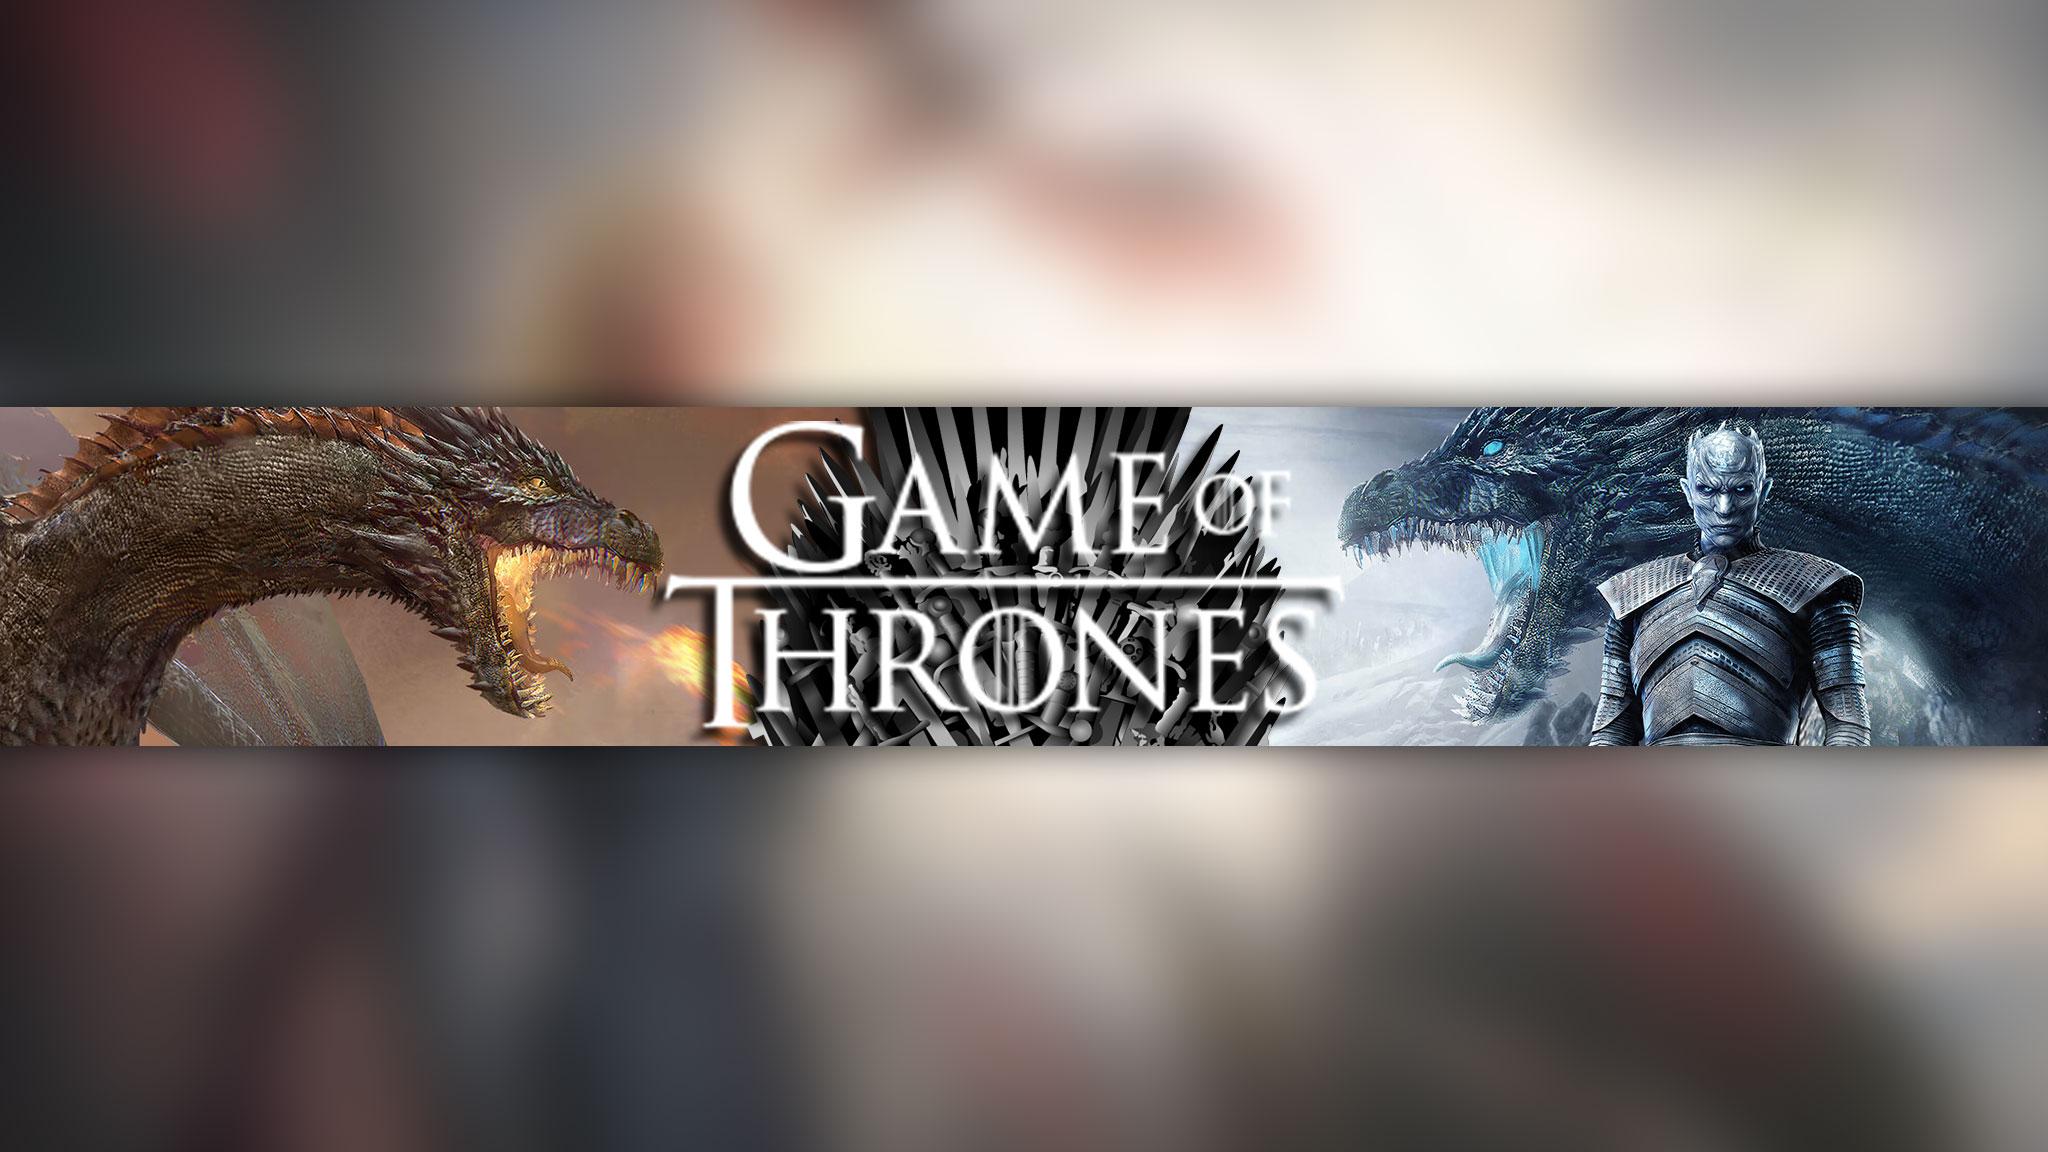 Баннер для ютуба Game of Thrones с драконами, белым ходоком и железным троном.